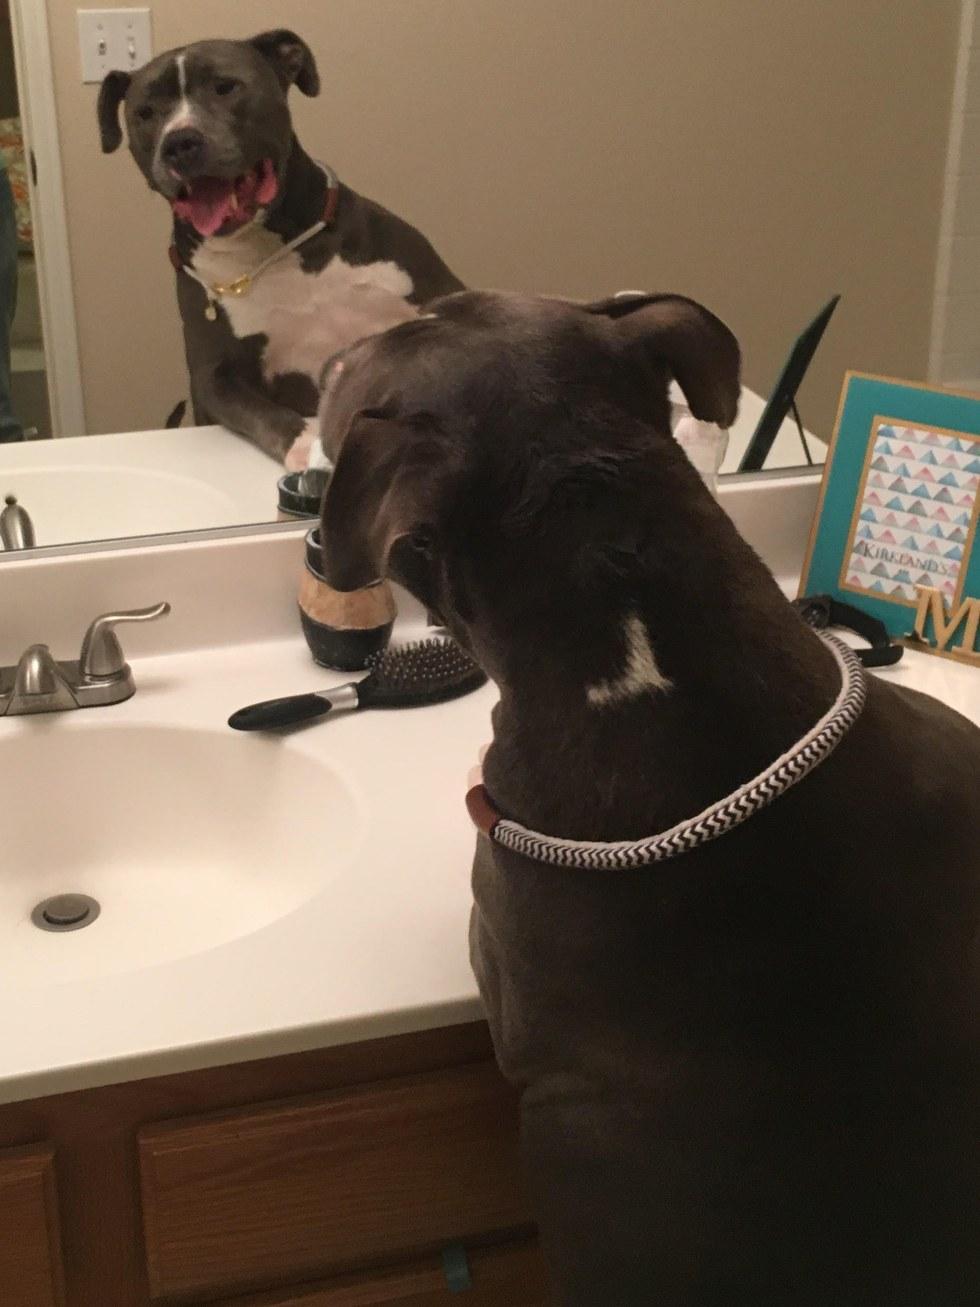 狗狗知道自己被家人拋棄「在收容所悲傷流淚」,新主人「三顧茅廬」他才回應手伸出來!